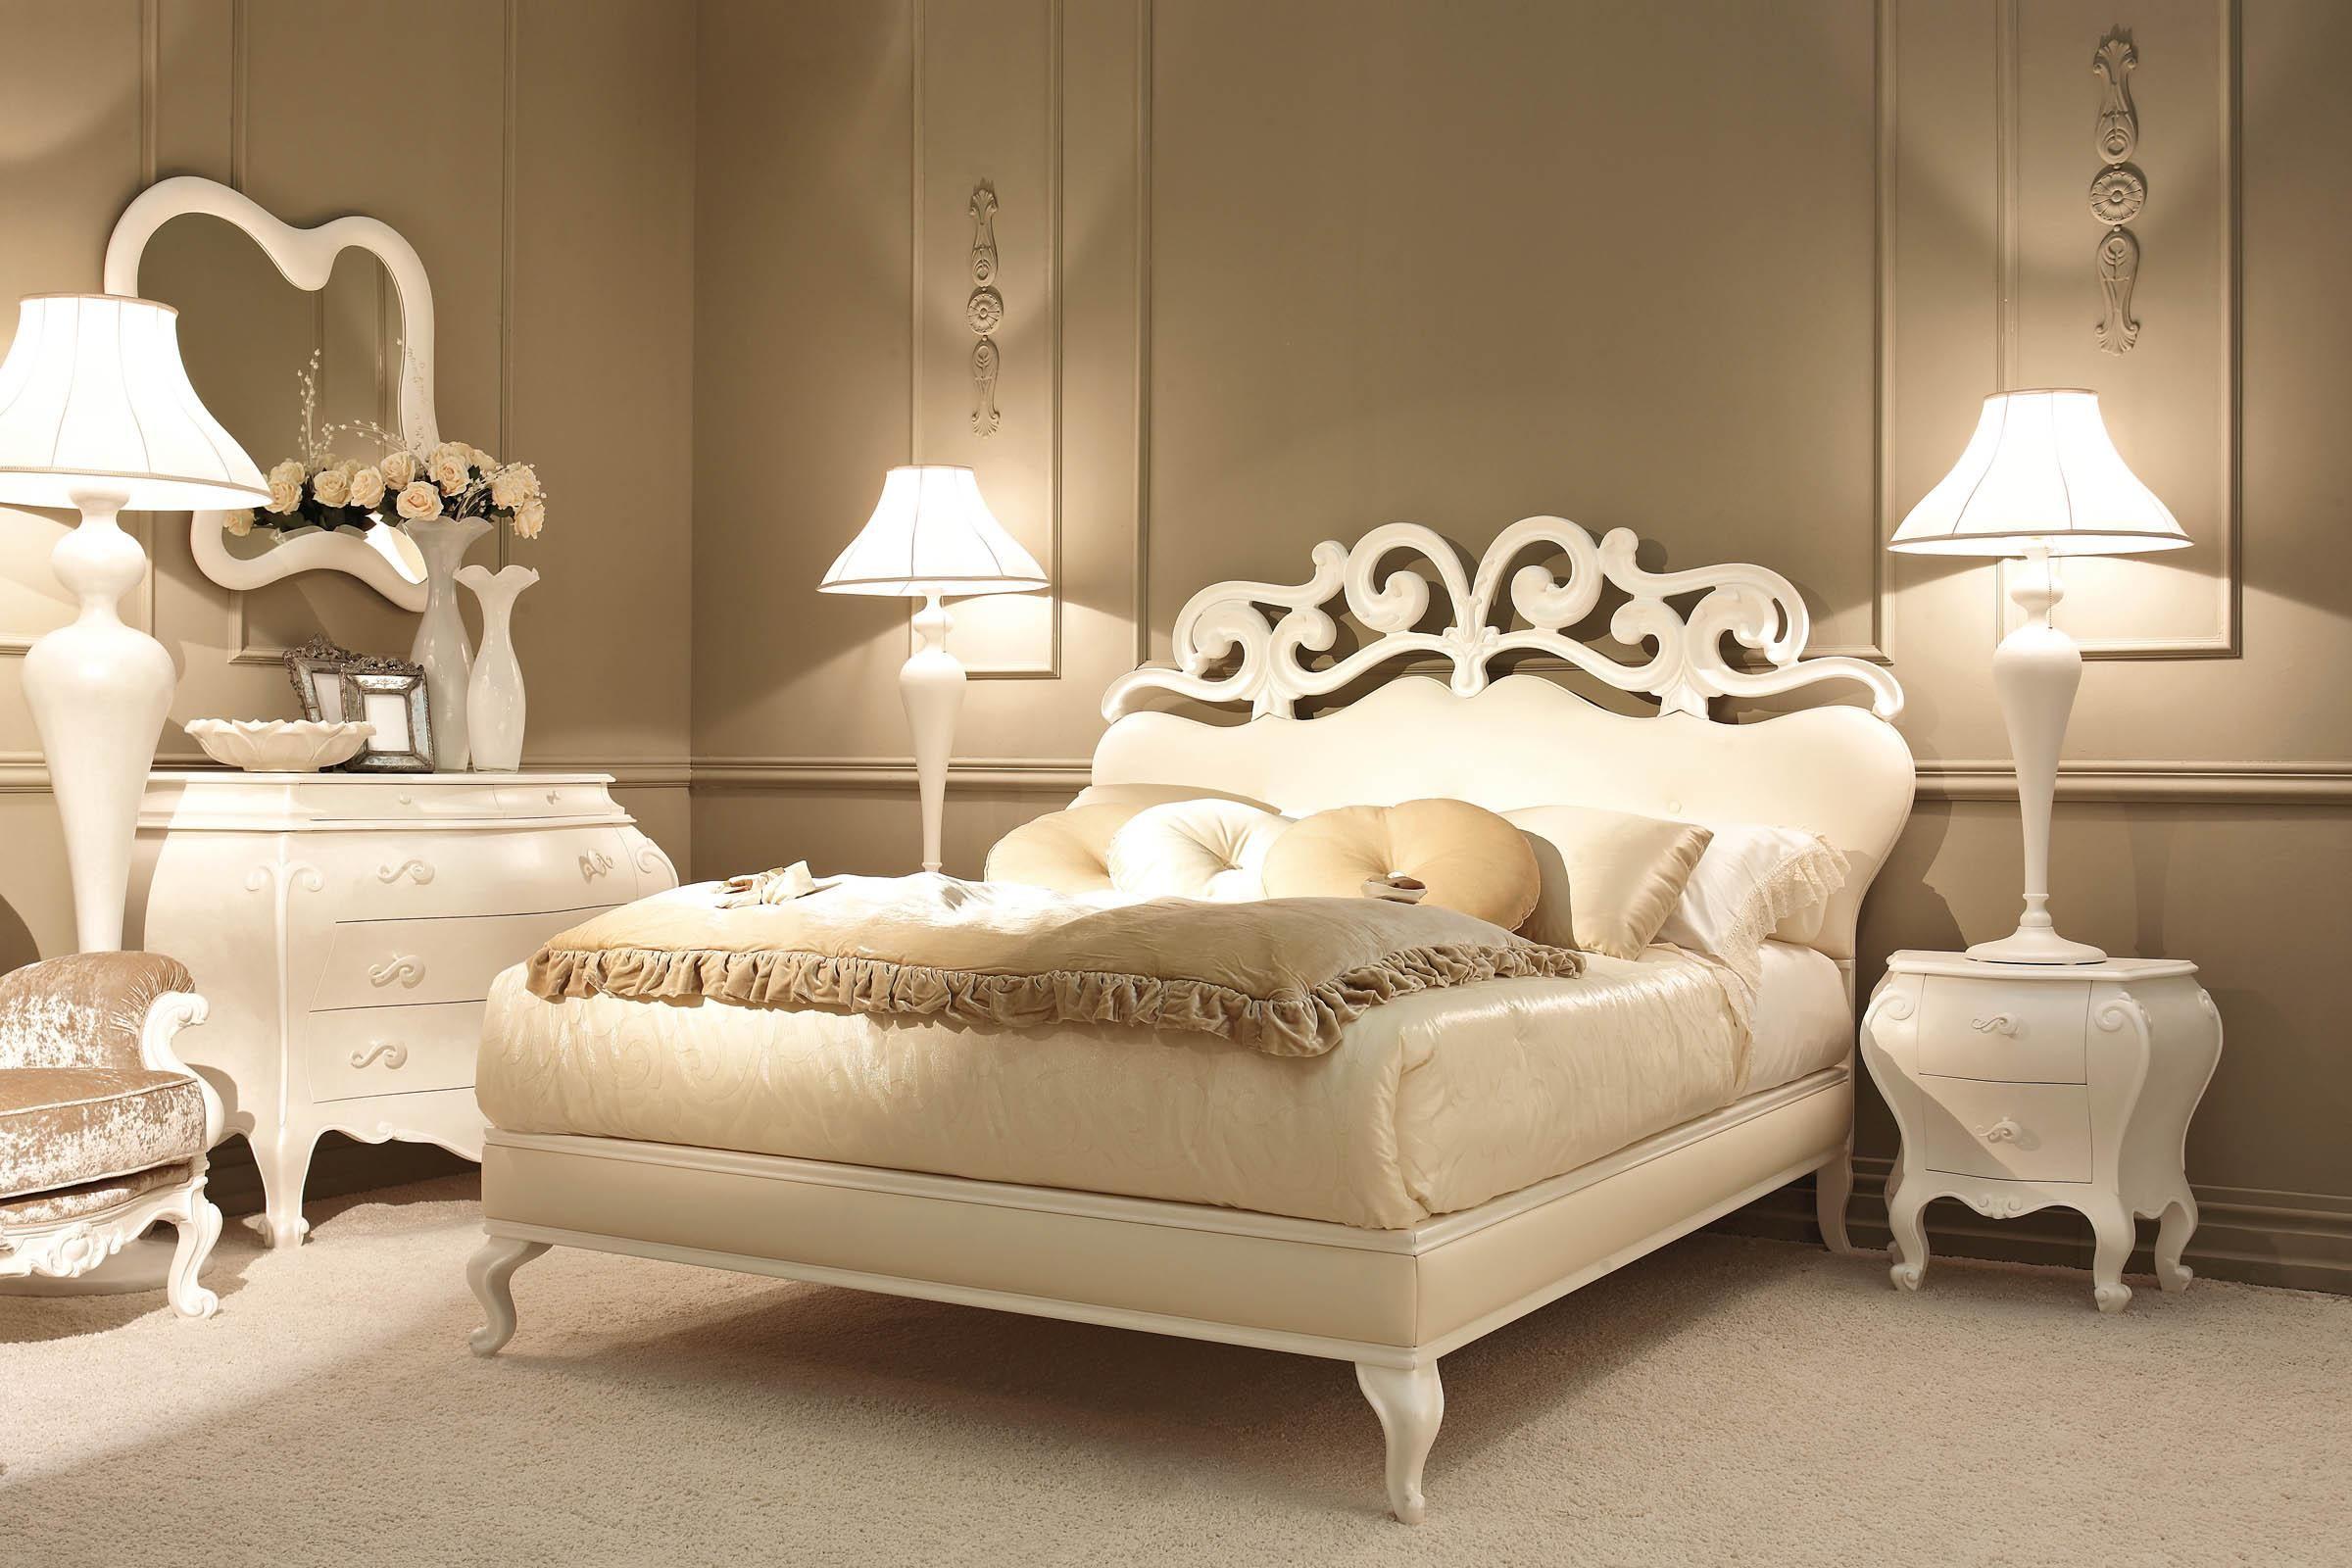 Elegant bedroom interior design image result for elegant bedroom dressers  kfd bedroom ideas